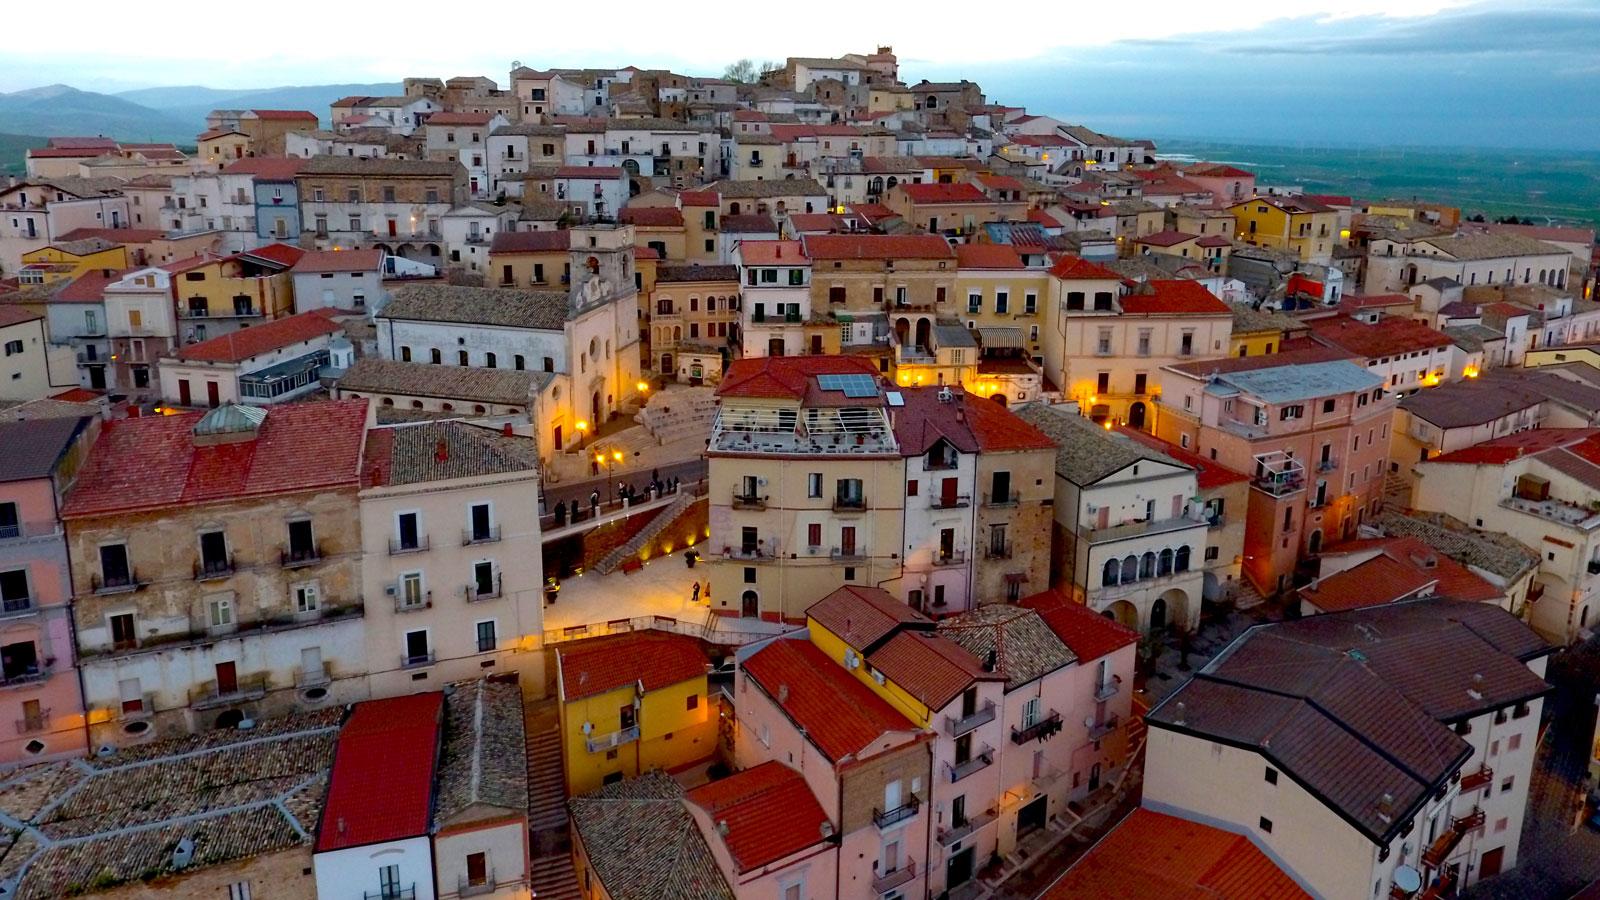 Quer viver na Itália? A cidade de Candela está pagando para quem quiser mudar para lá 02